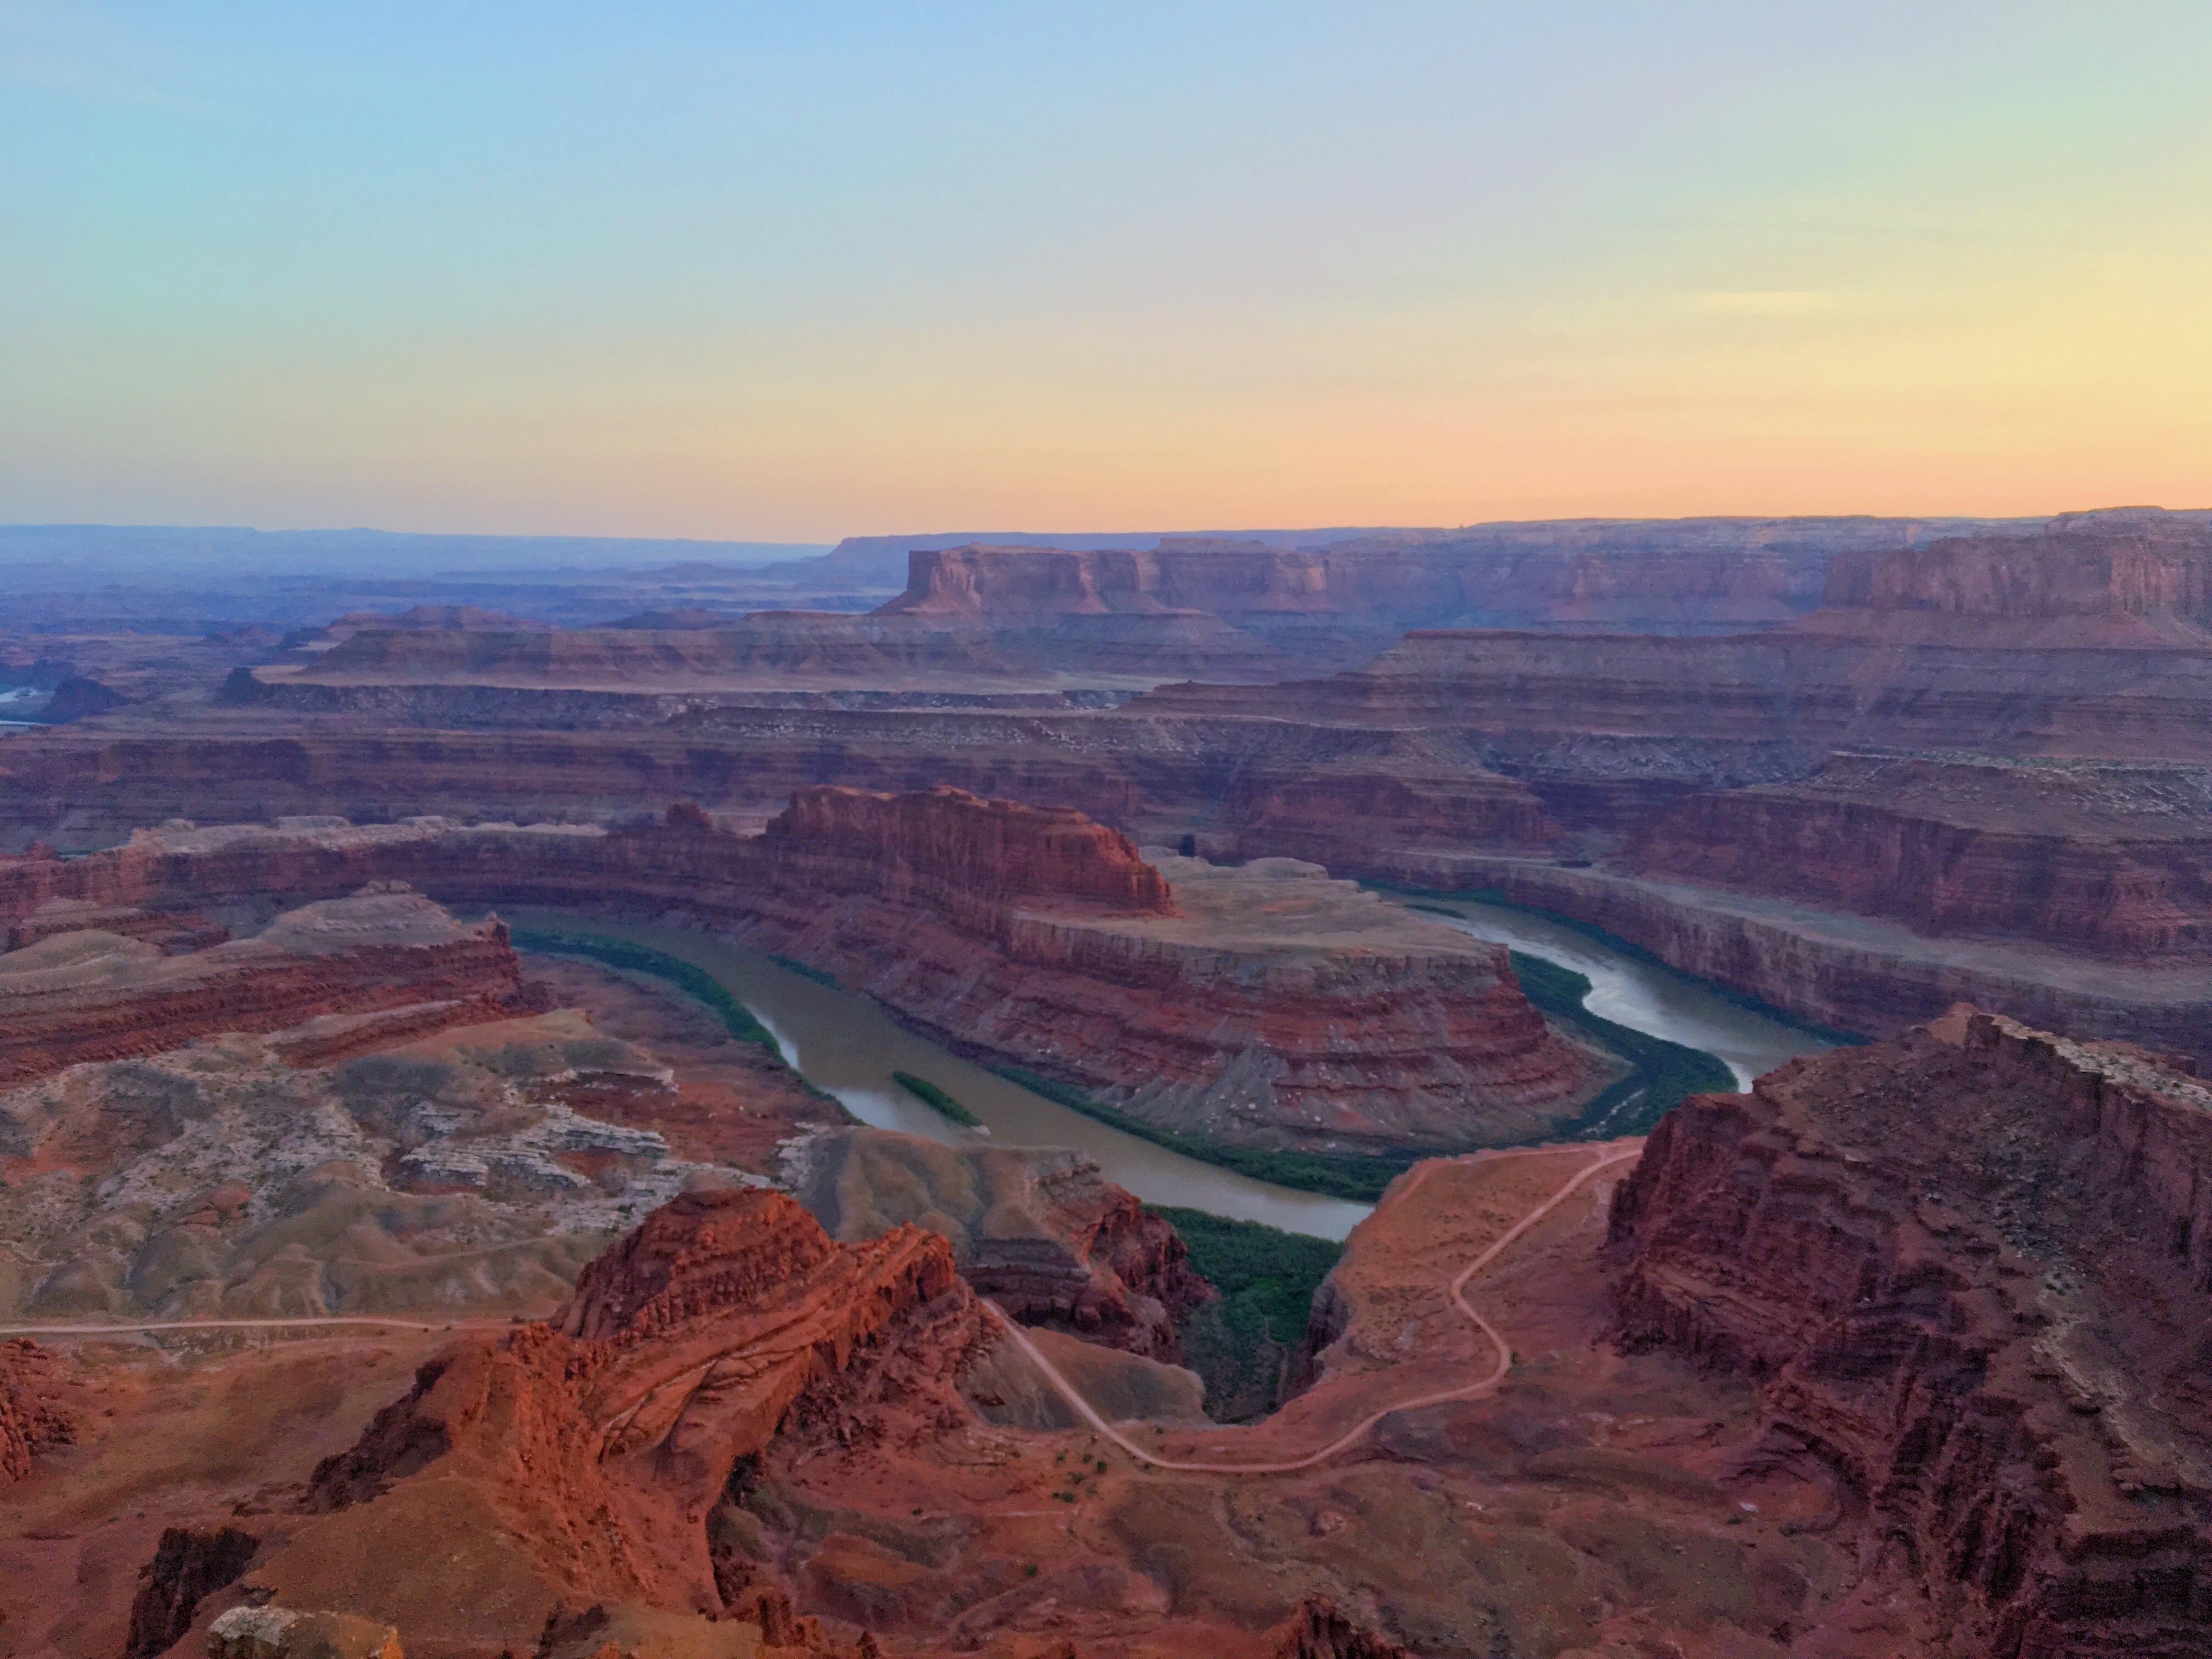 Il tramonto dal Dead Horse Point - la curva del fiume tra i canyon di Thelma e Louise